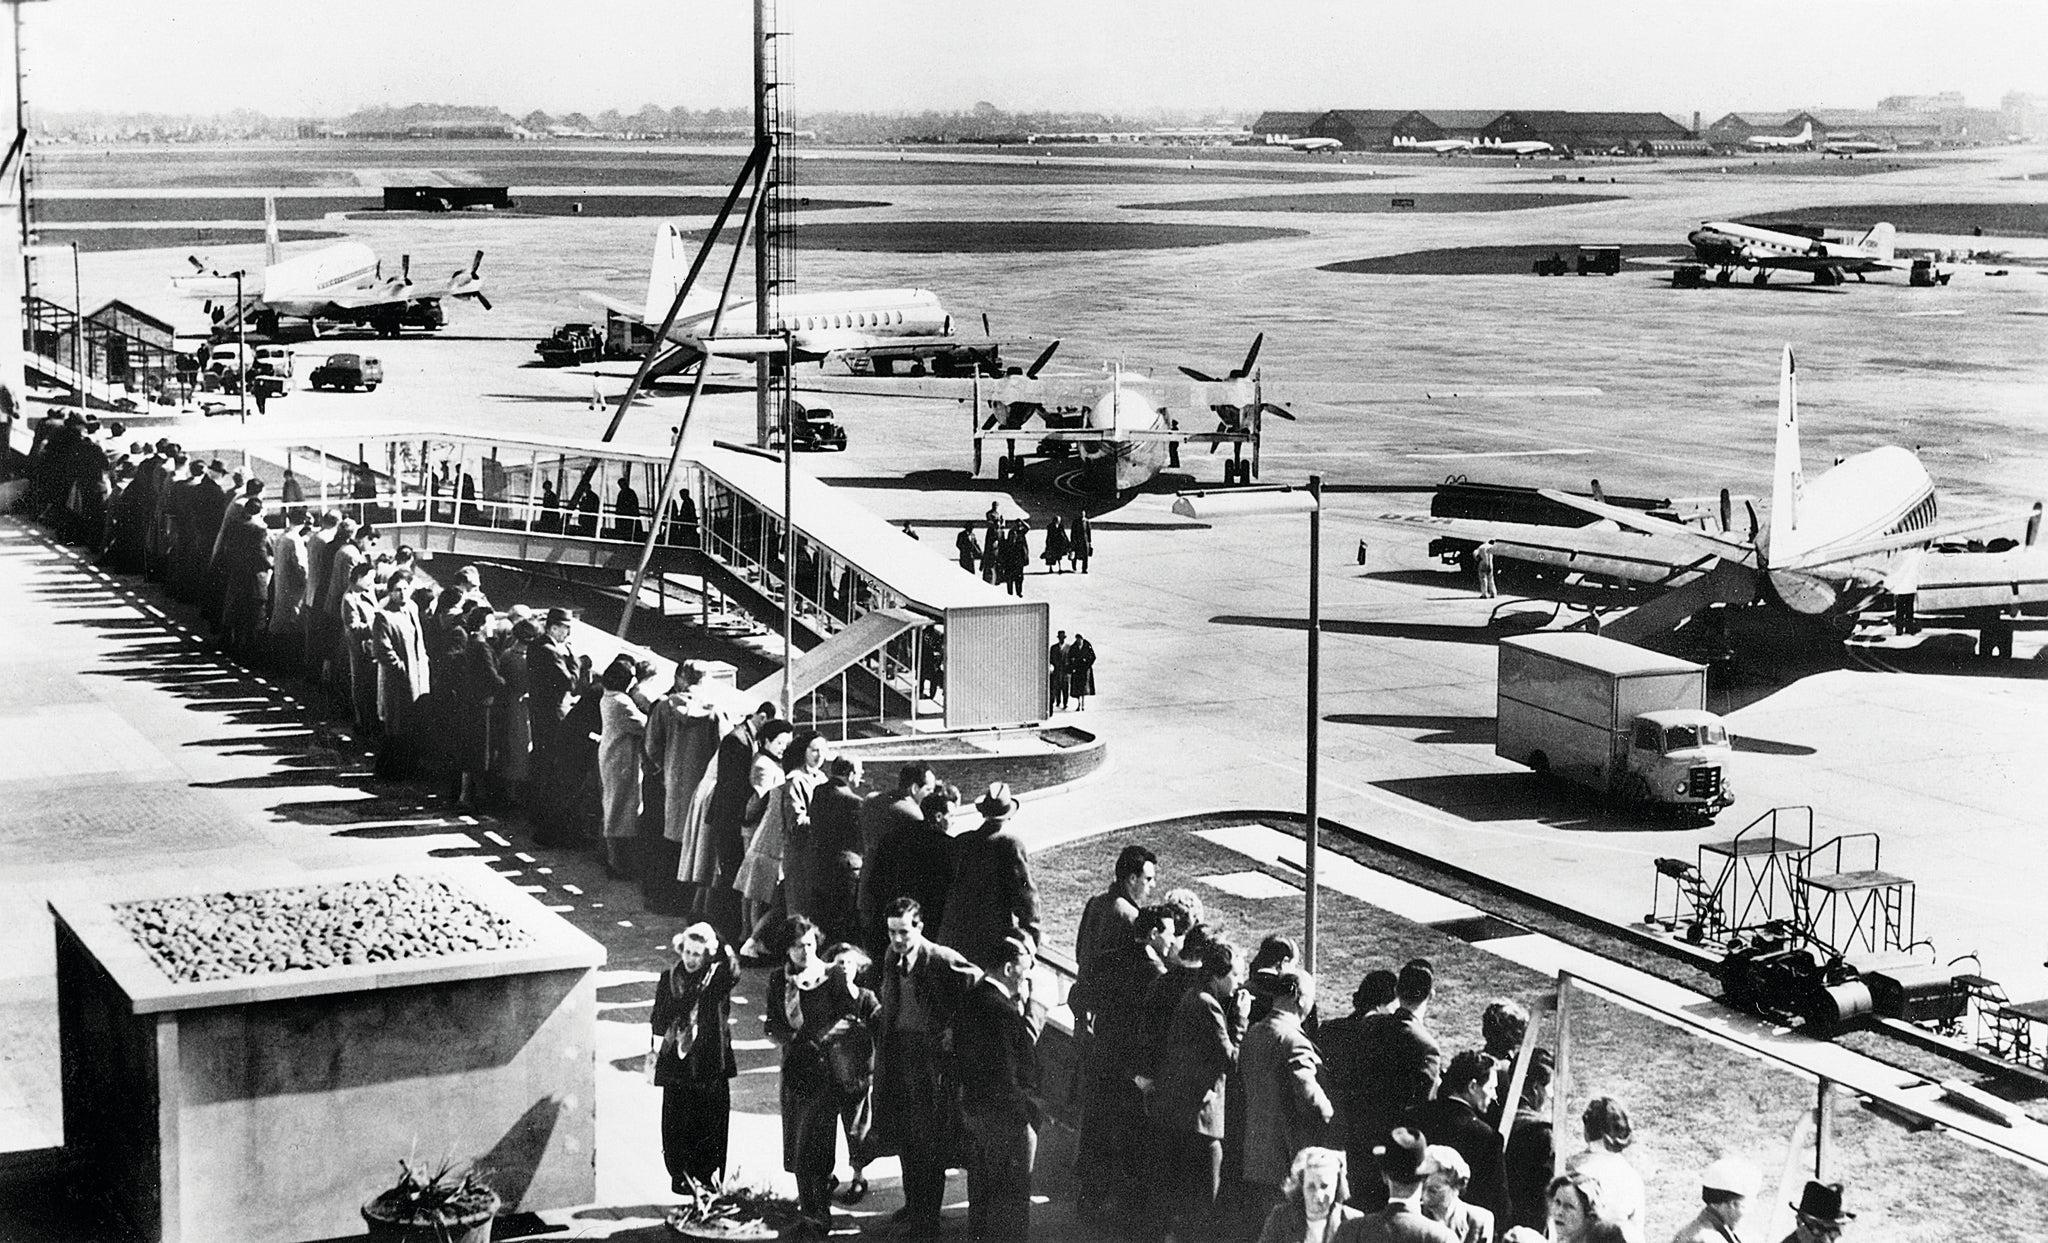 Spectators in 1958